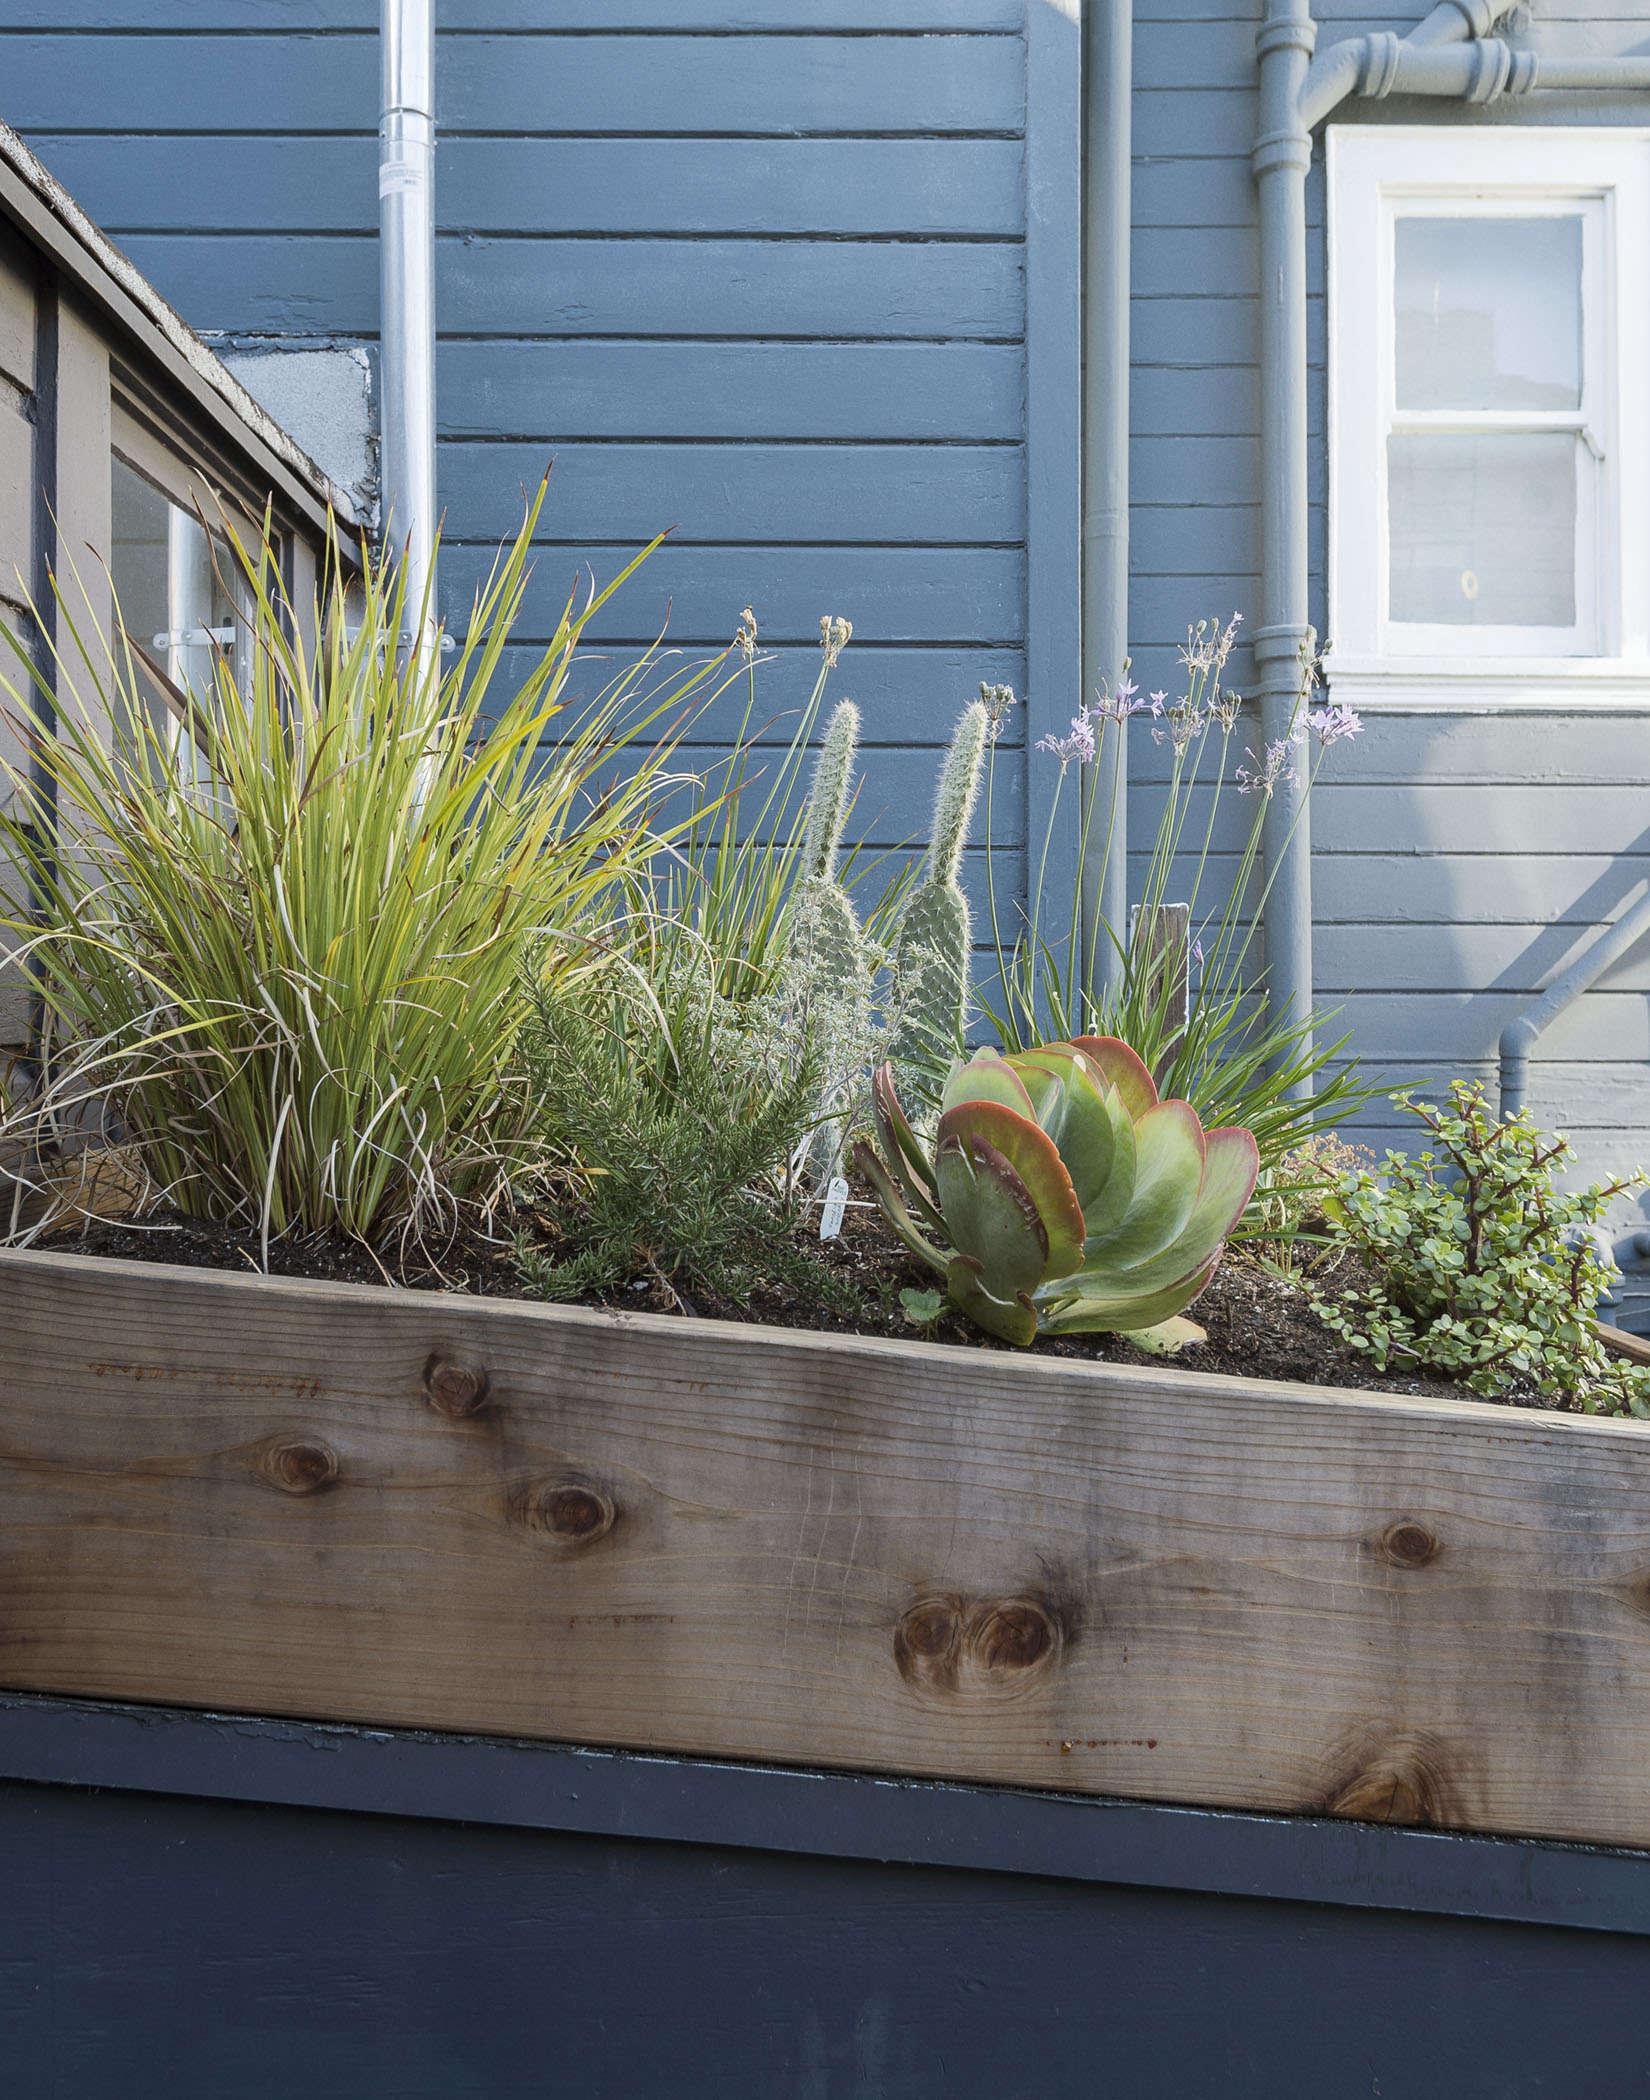 klein-garden-mission-san-francisco-gardenista-roof-garden